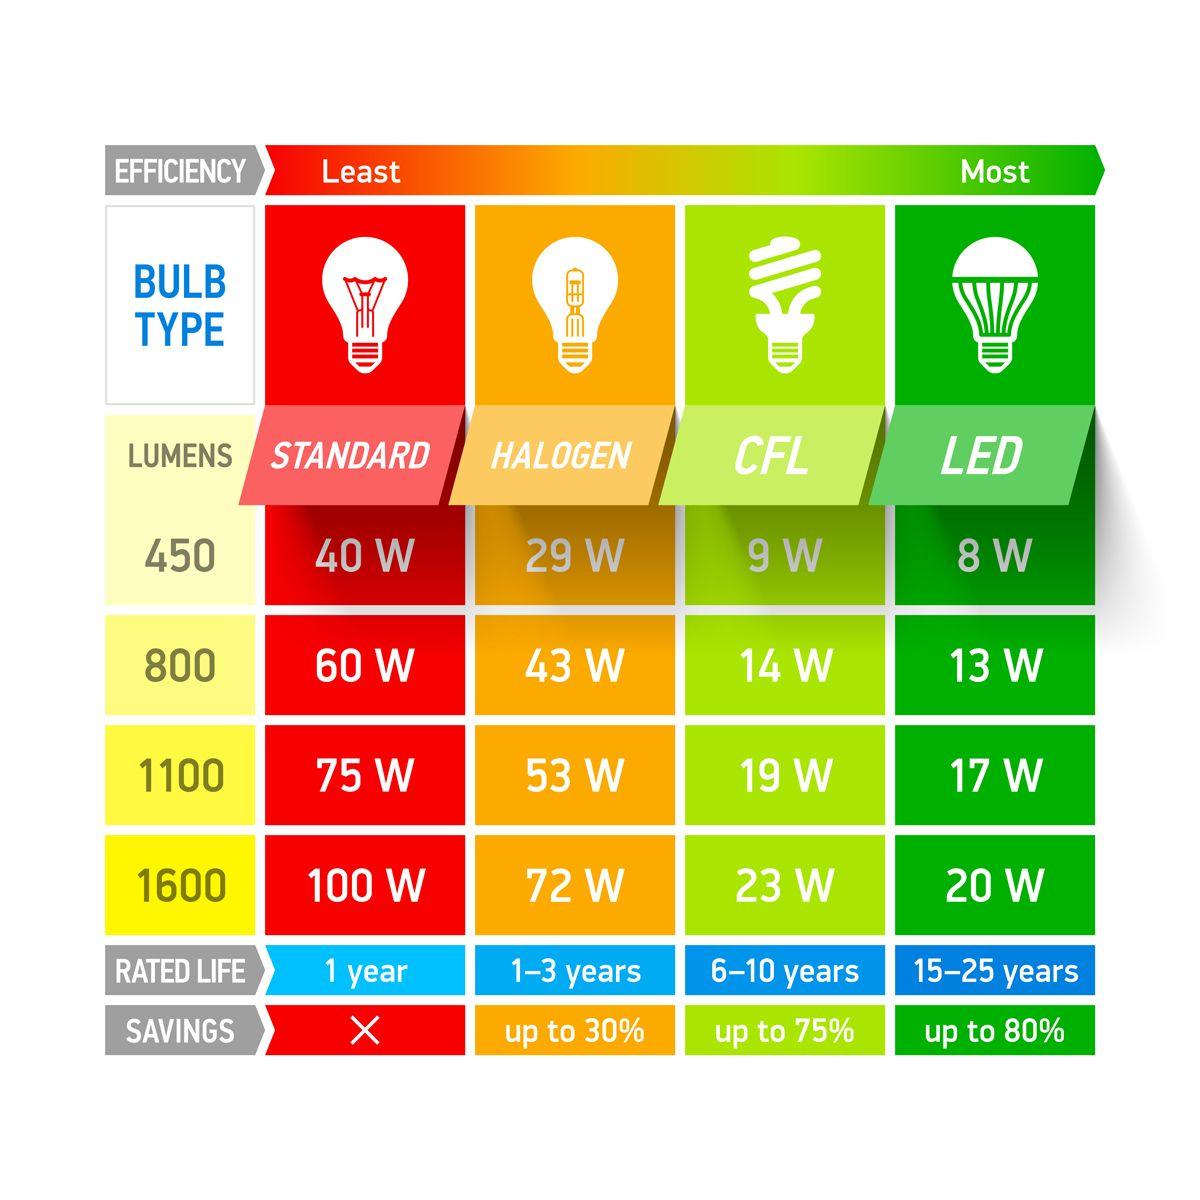 مقایسه توان مصرفی لامپ ال ای دی با لامپ کم مصرف، هالوژن و رشته ای با مشخصات مشابه